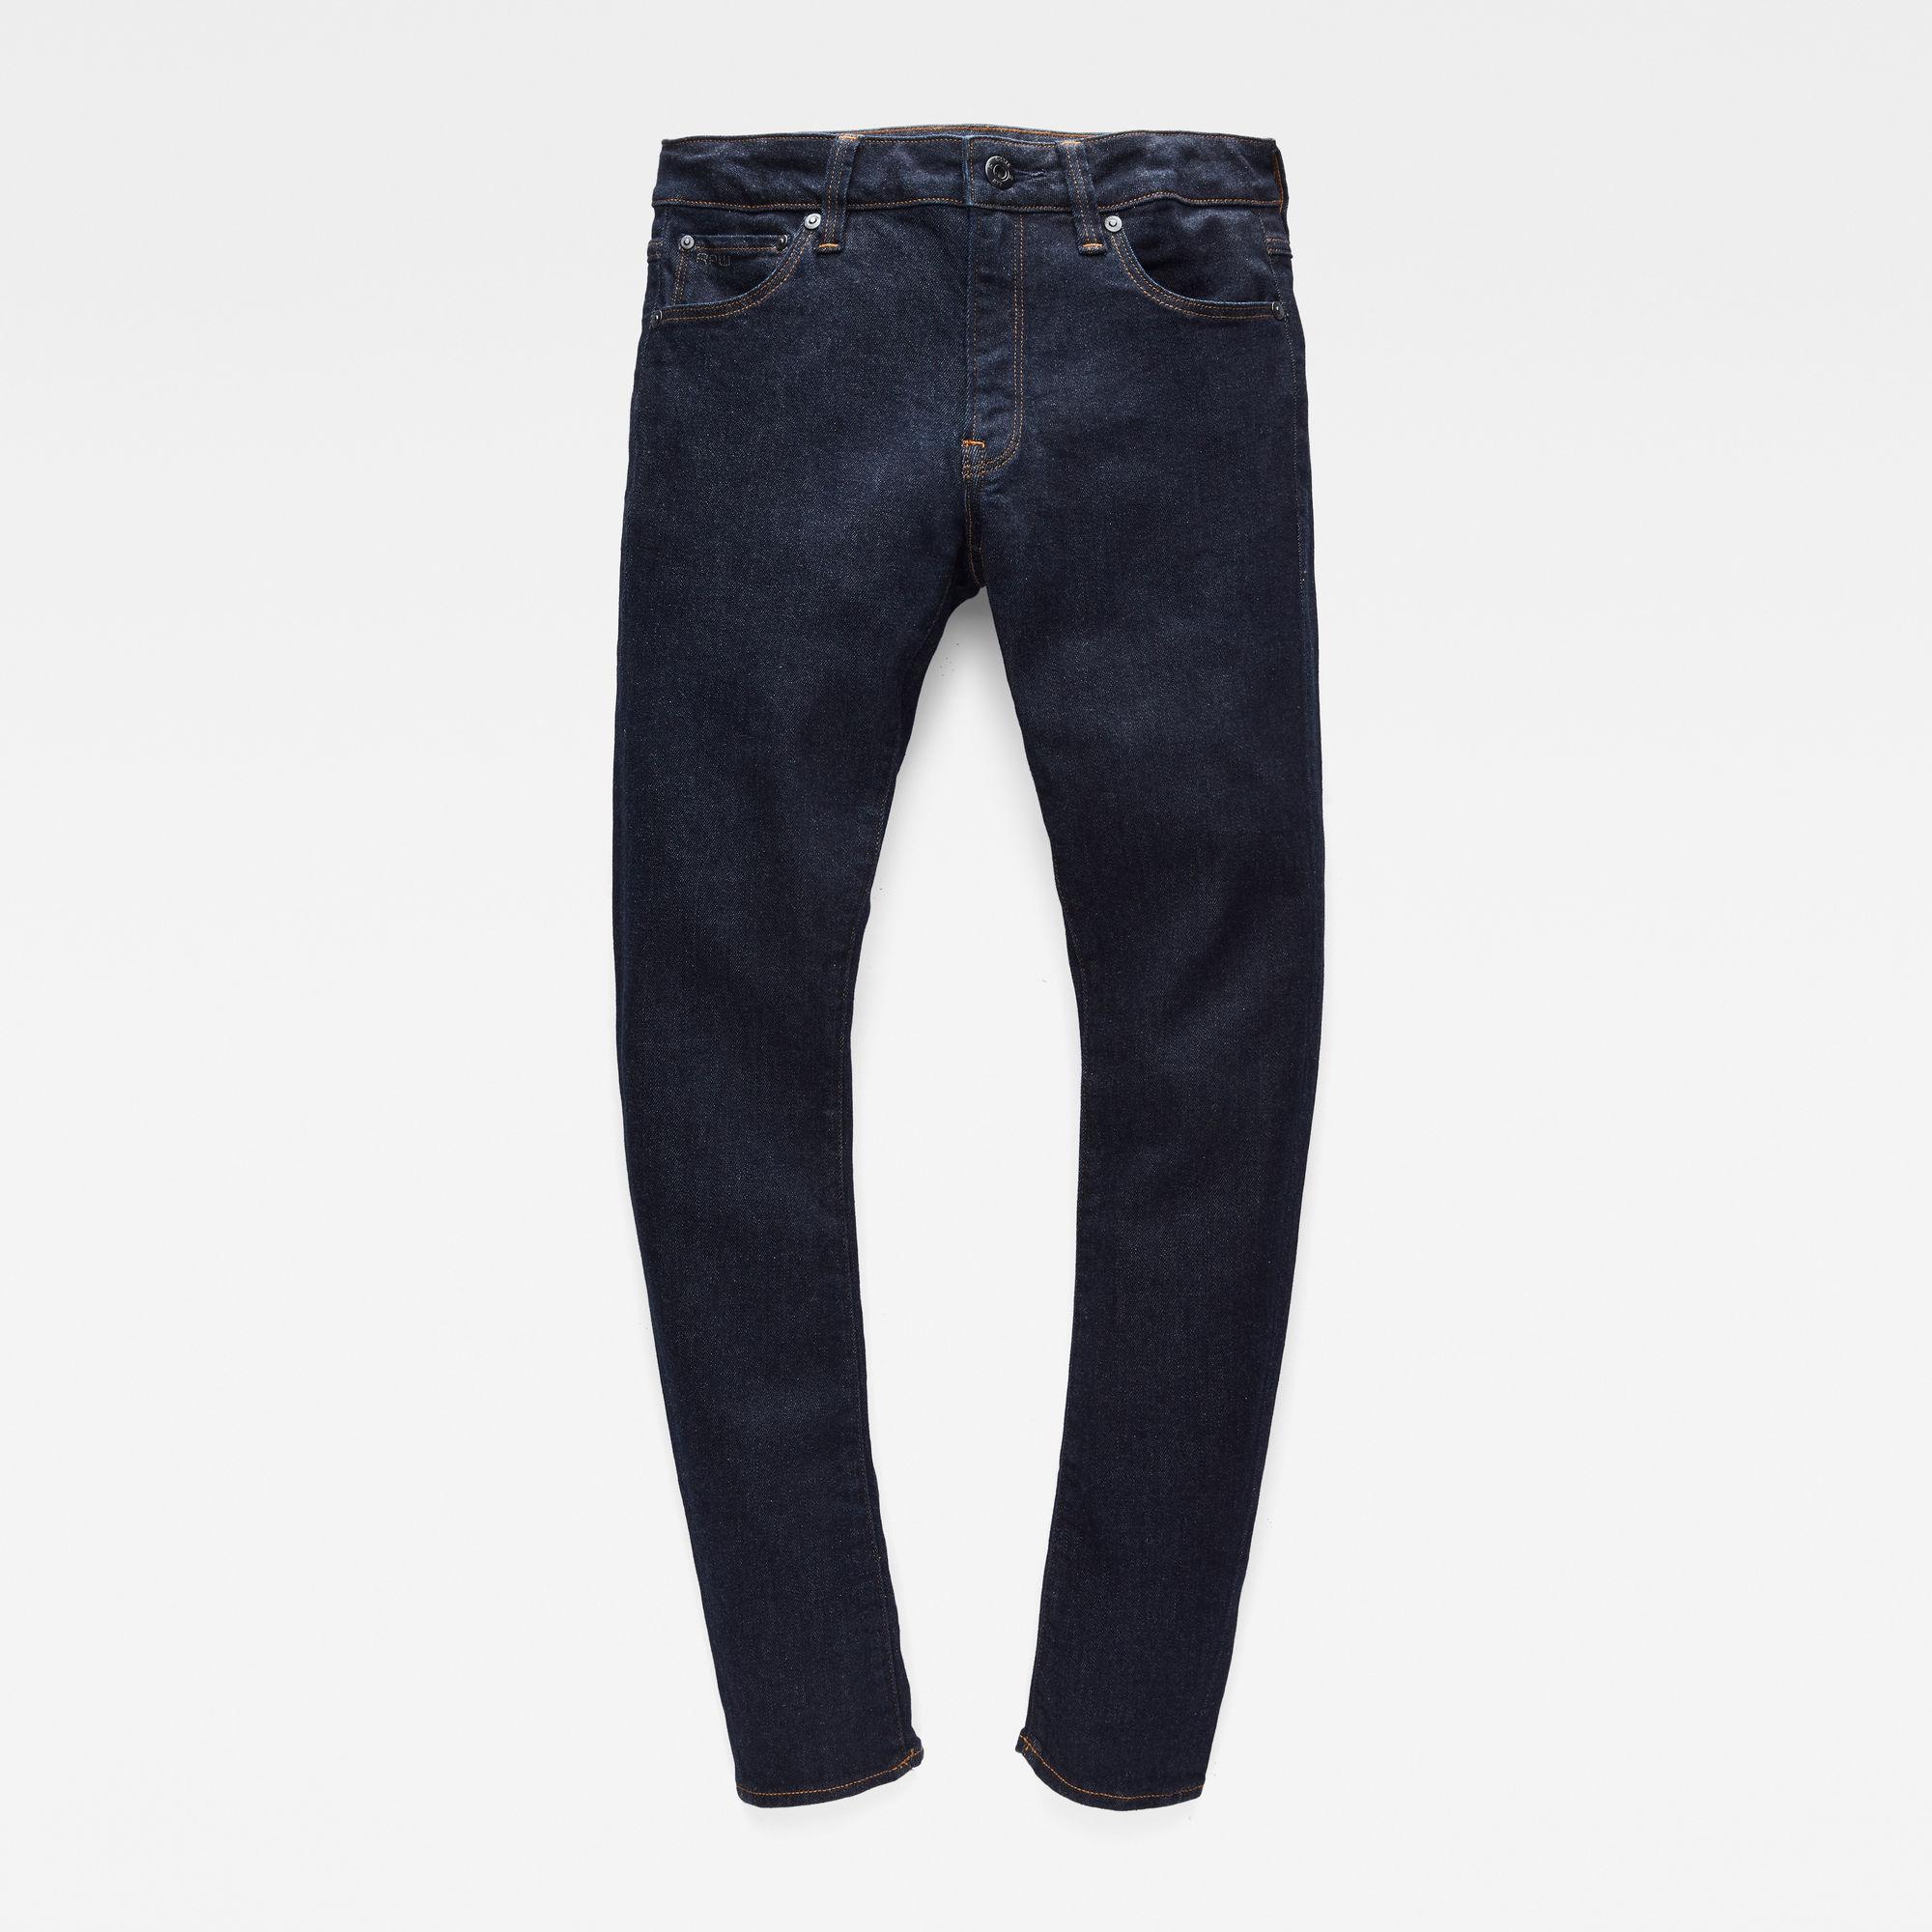 G-Star RAW Meisjes 3301 Skinny jeans Donkerblauw